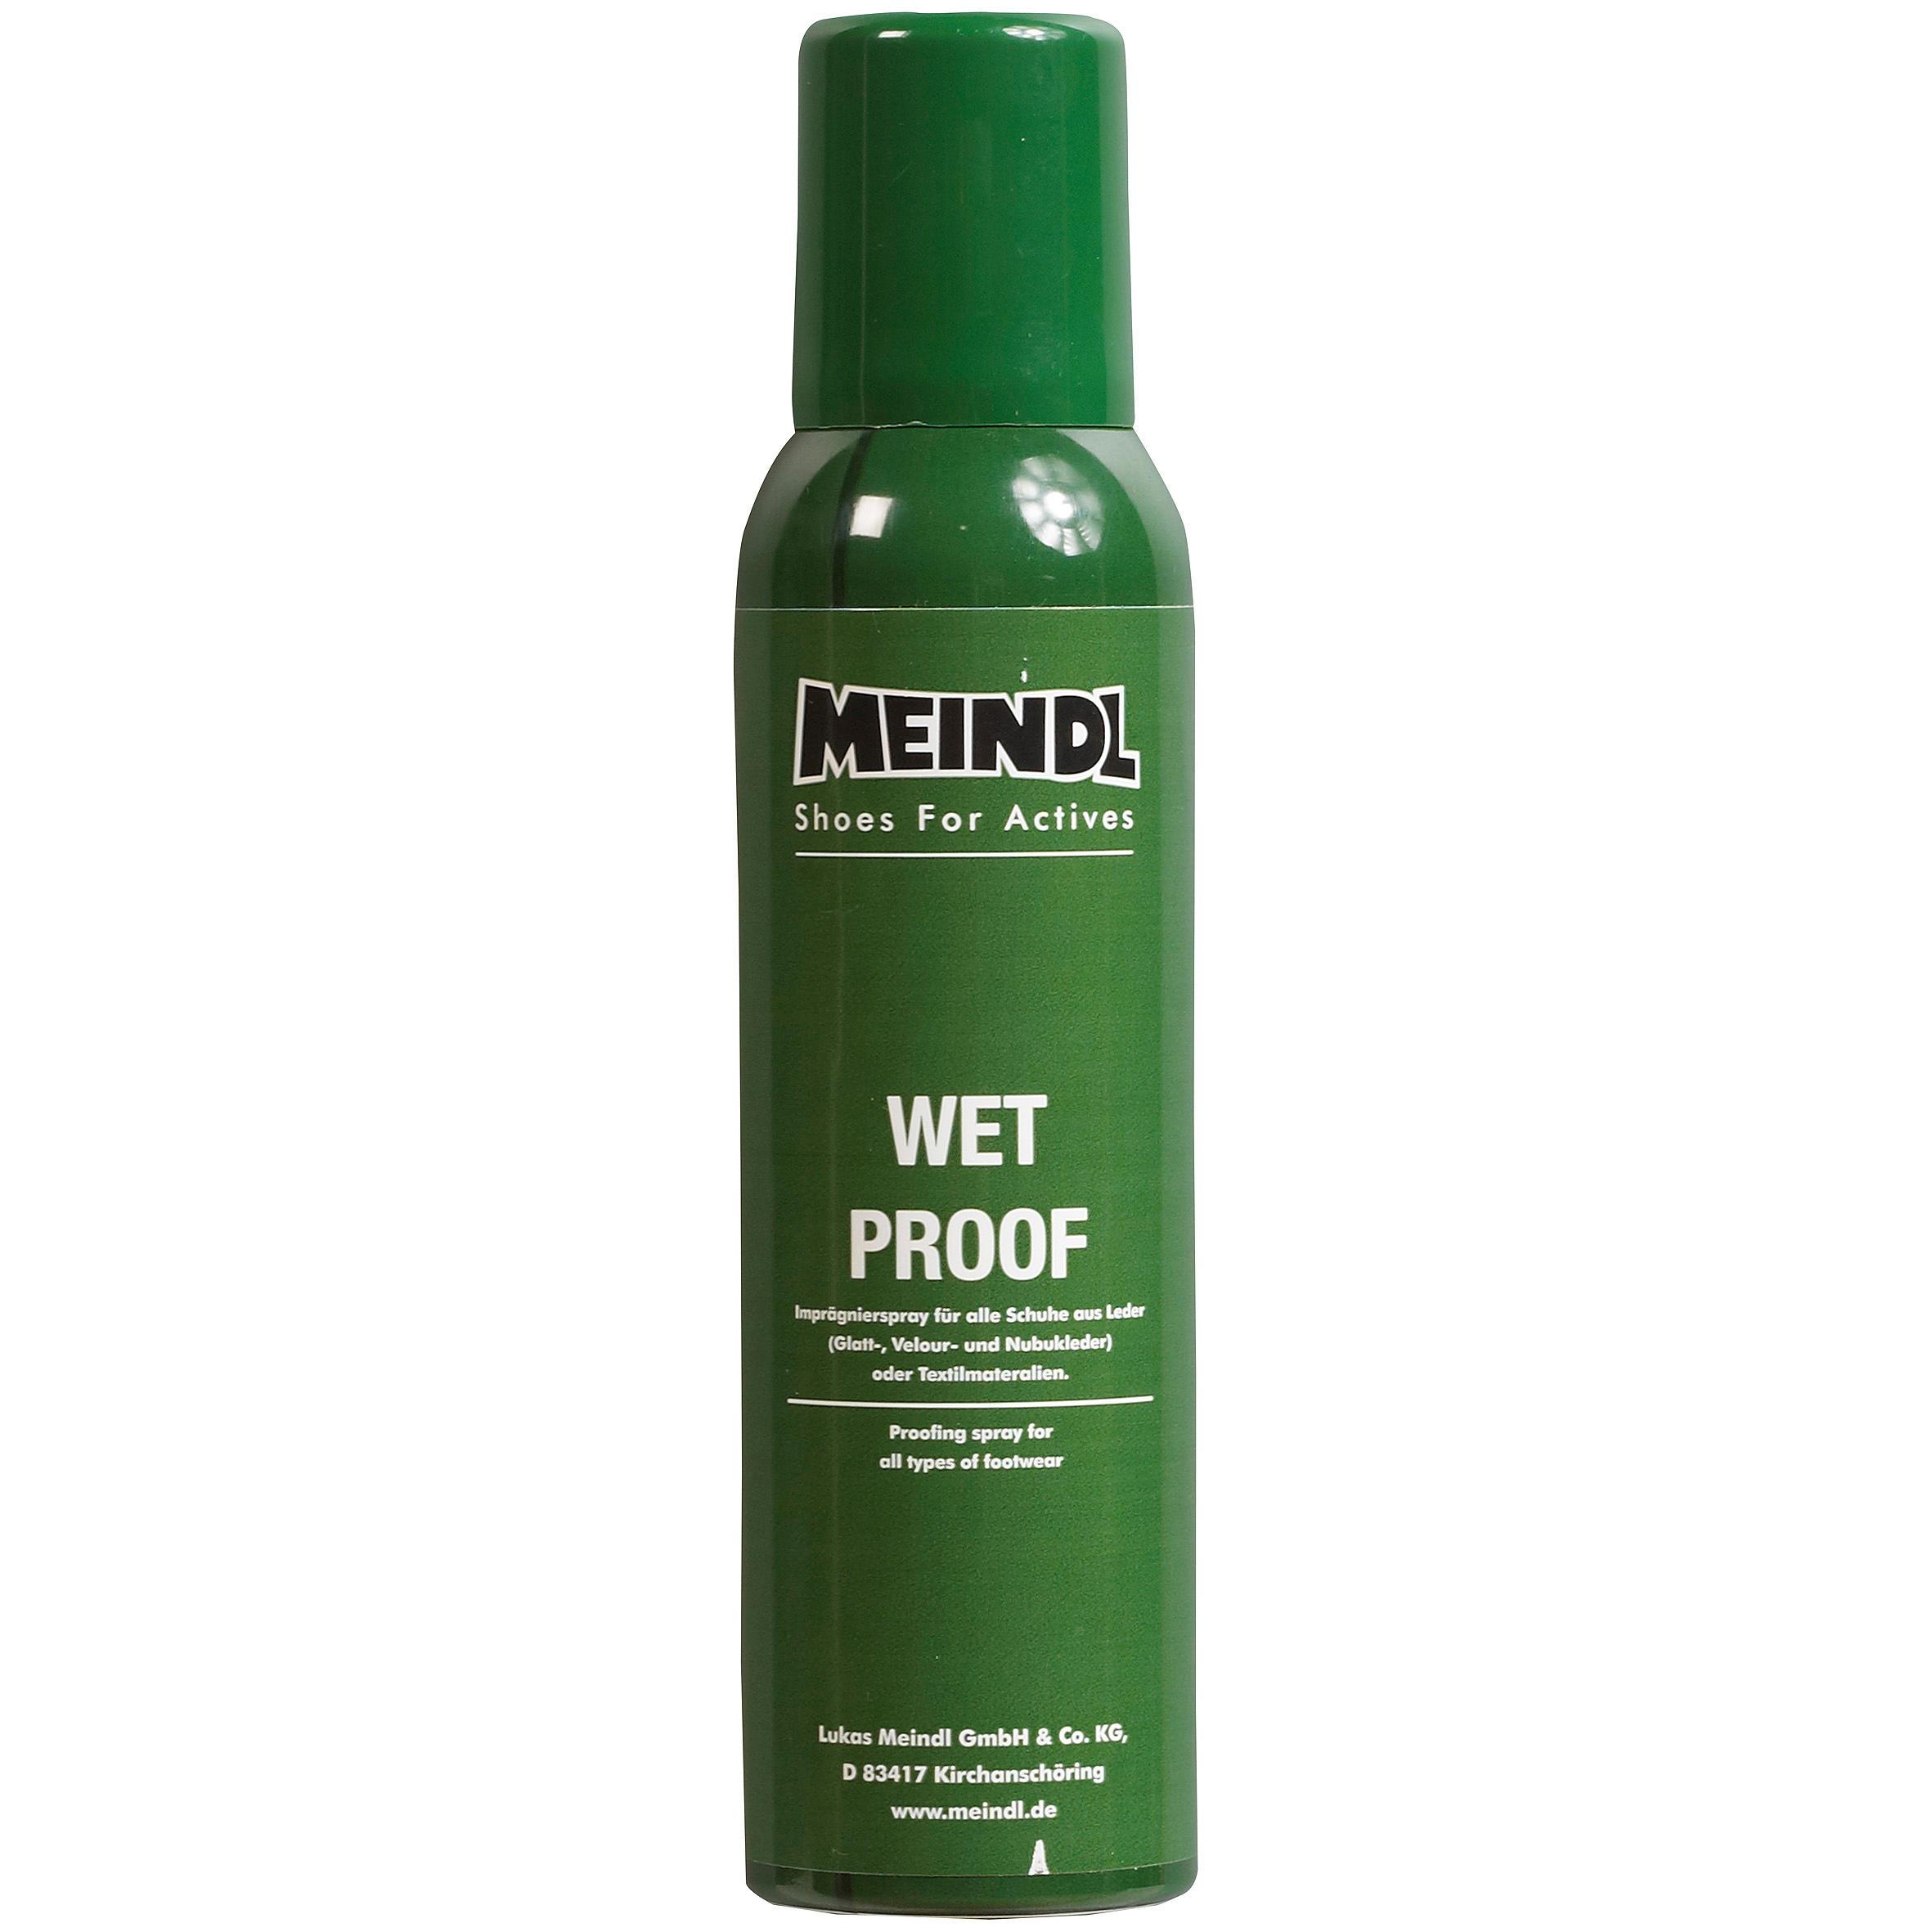 Meindl Waterdichtmakende schoenspray Wet Proof